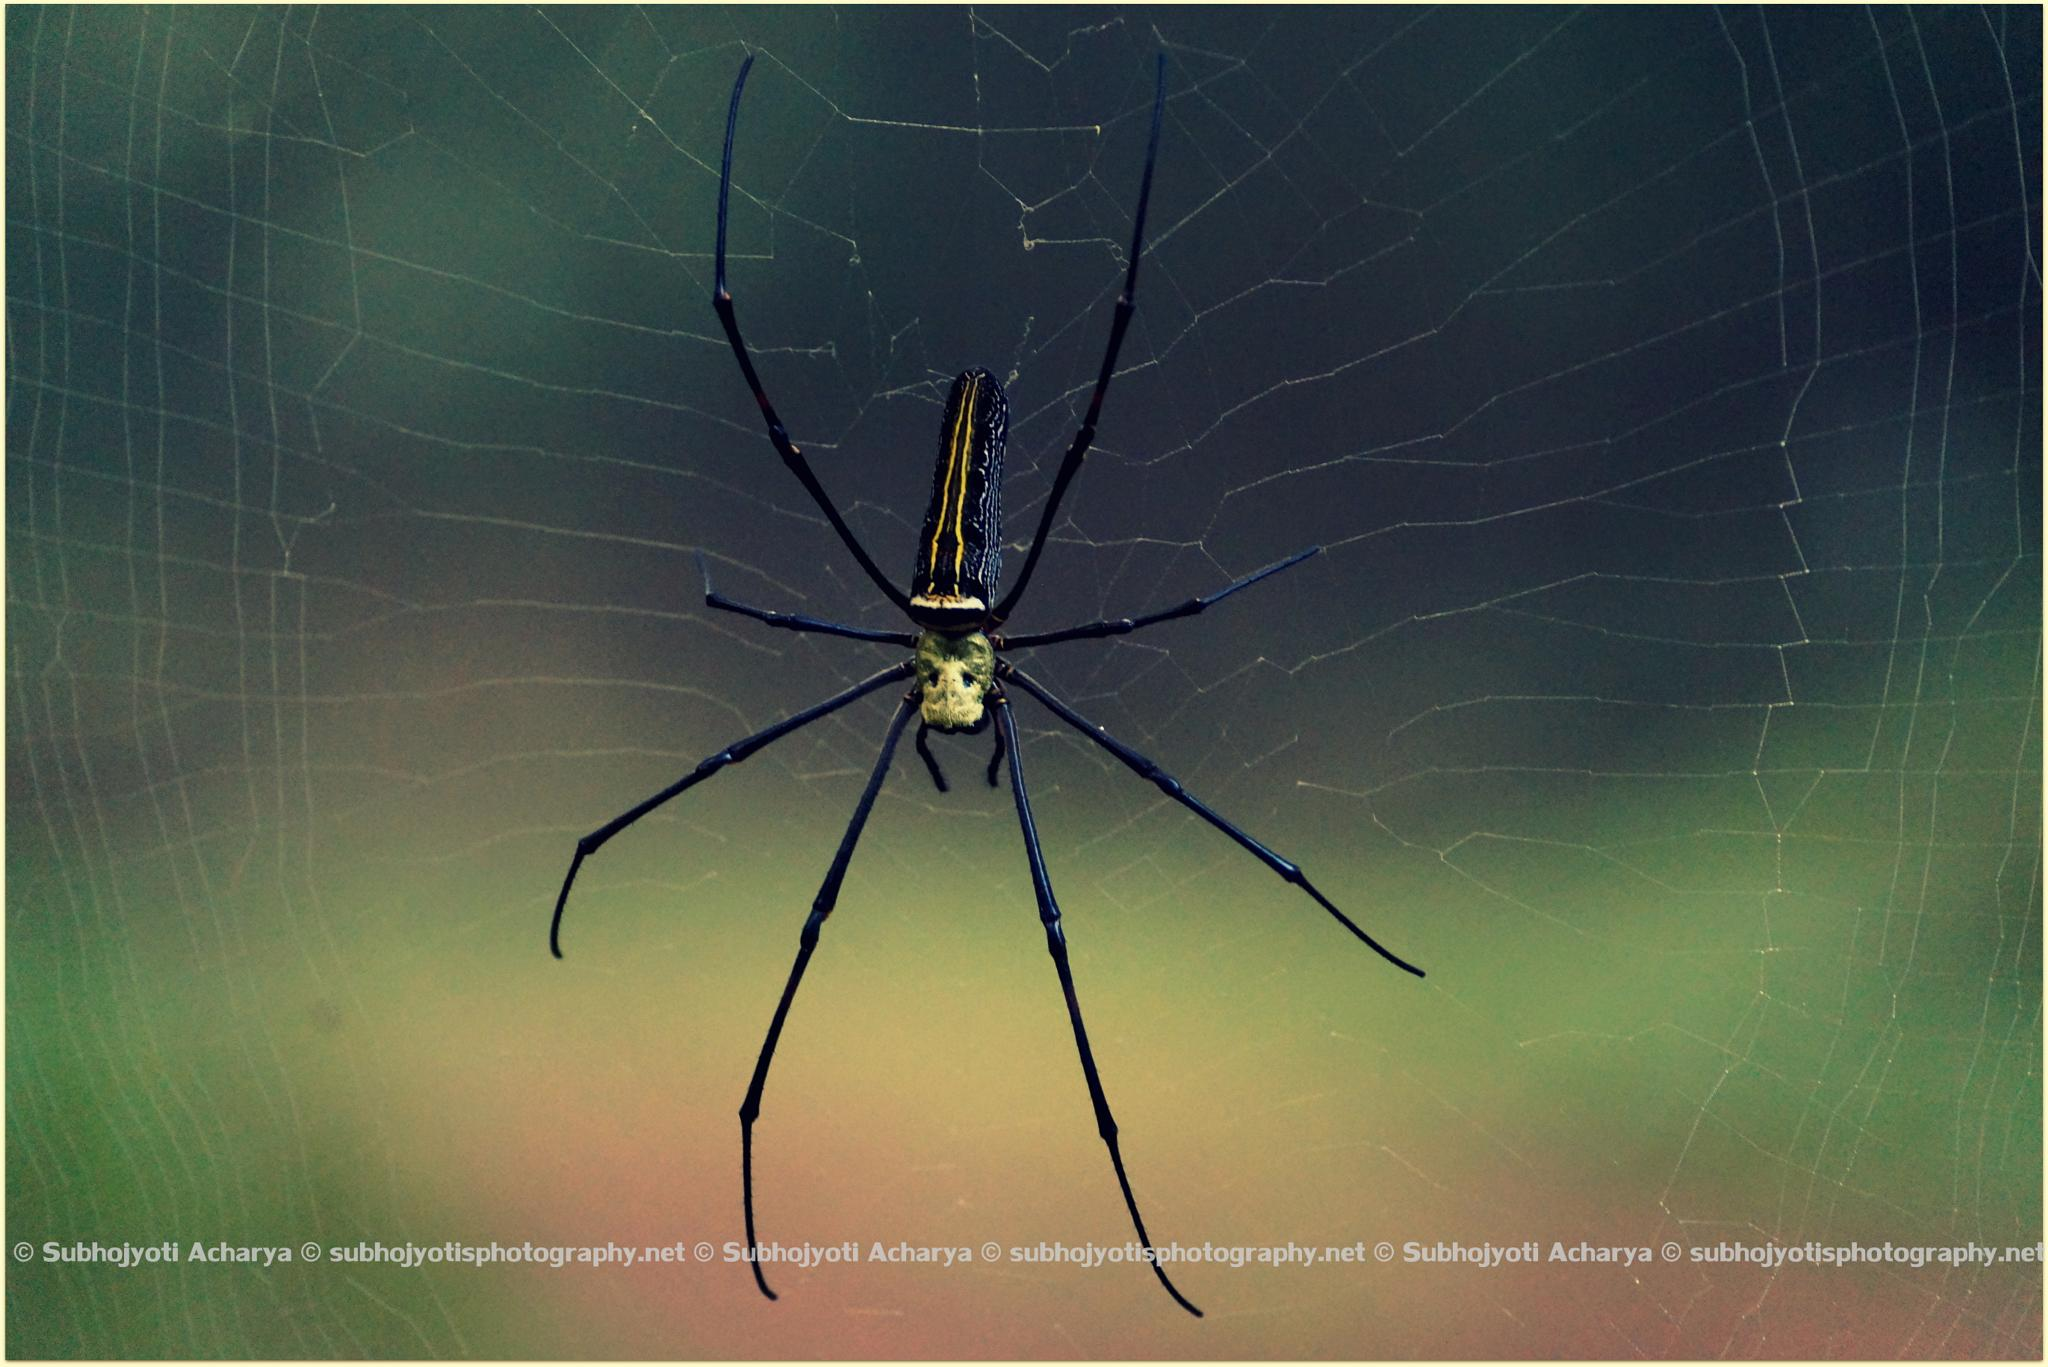 The Web by Subhojyoti Acharya